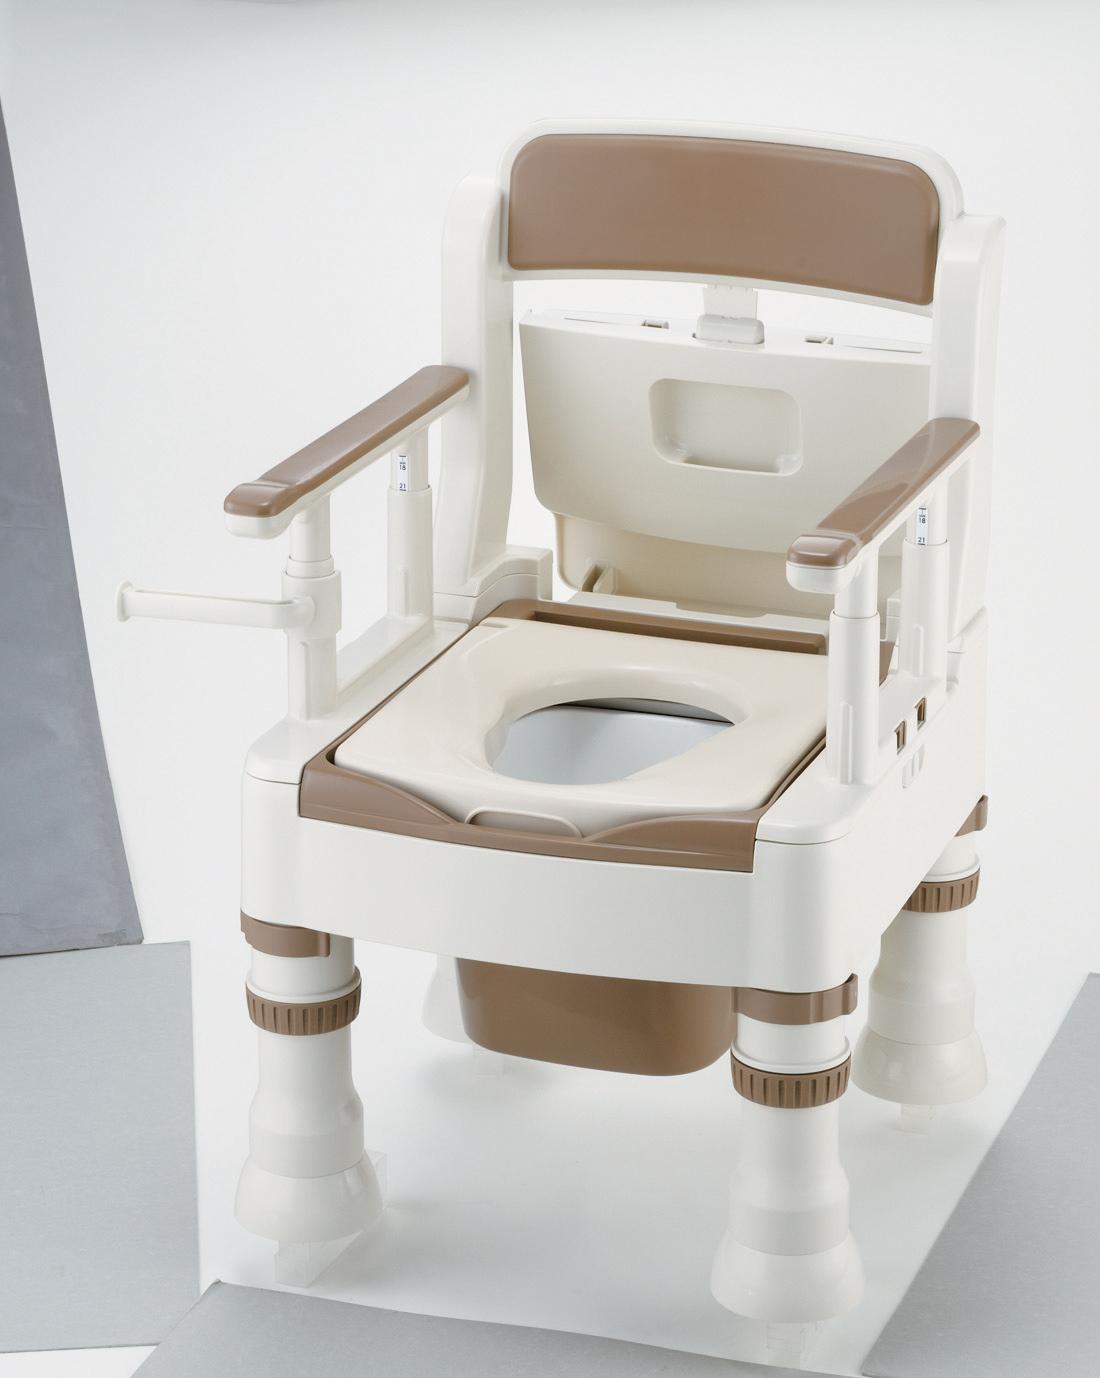 ポータブルトイレ きらく Mシリーズ ミニデカ(脱臭機付やわらか便座)